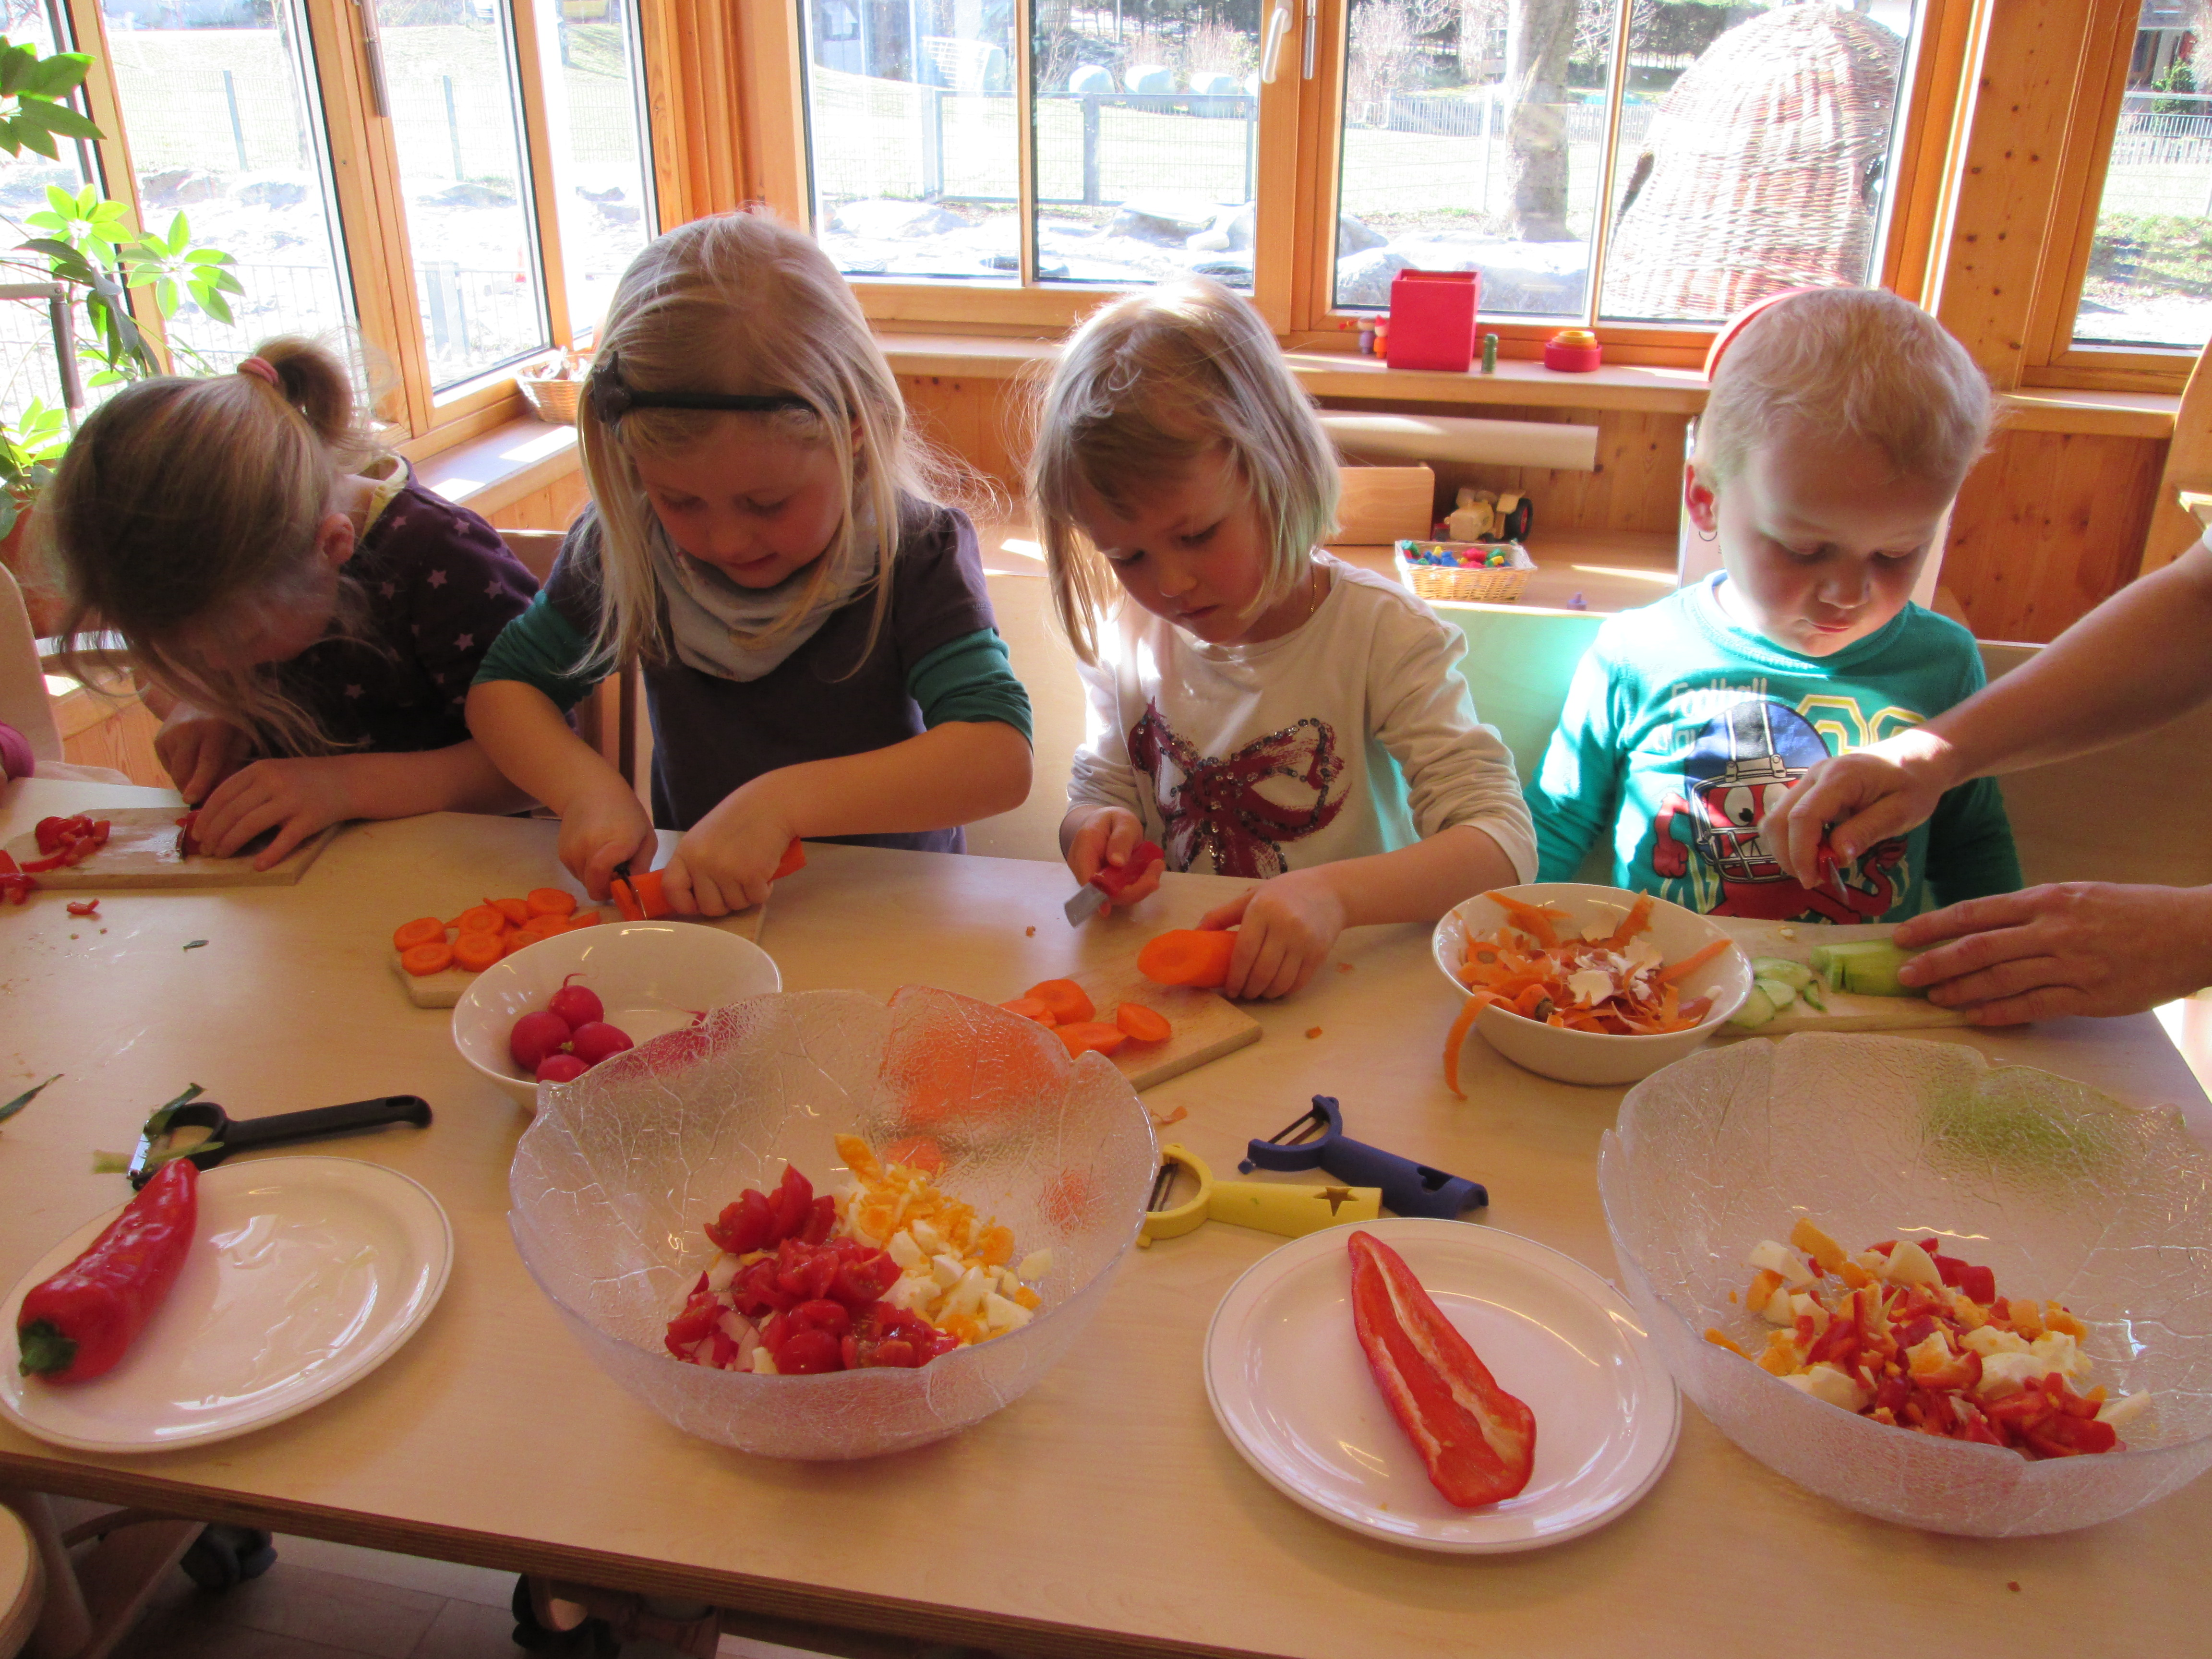 Kindertageseinrichtung don bosco umsetzung im kindergarten - Angebote kindergarten sommer ...